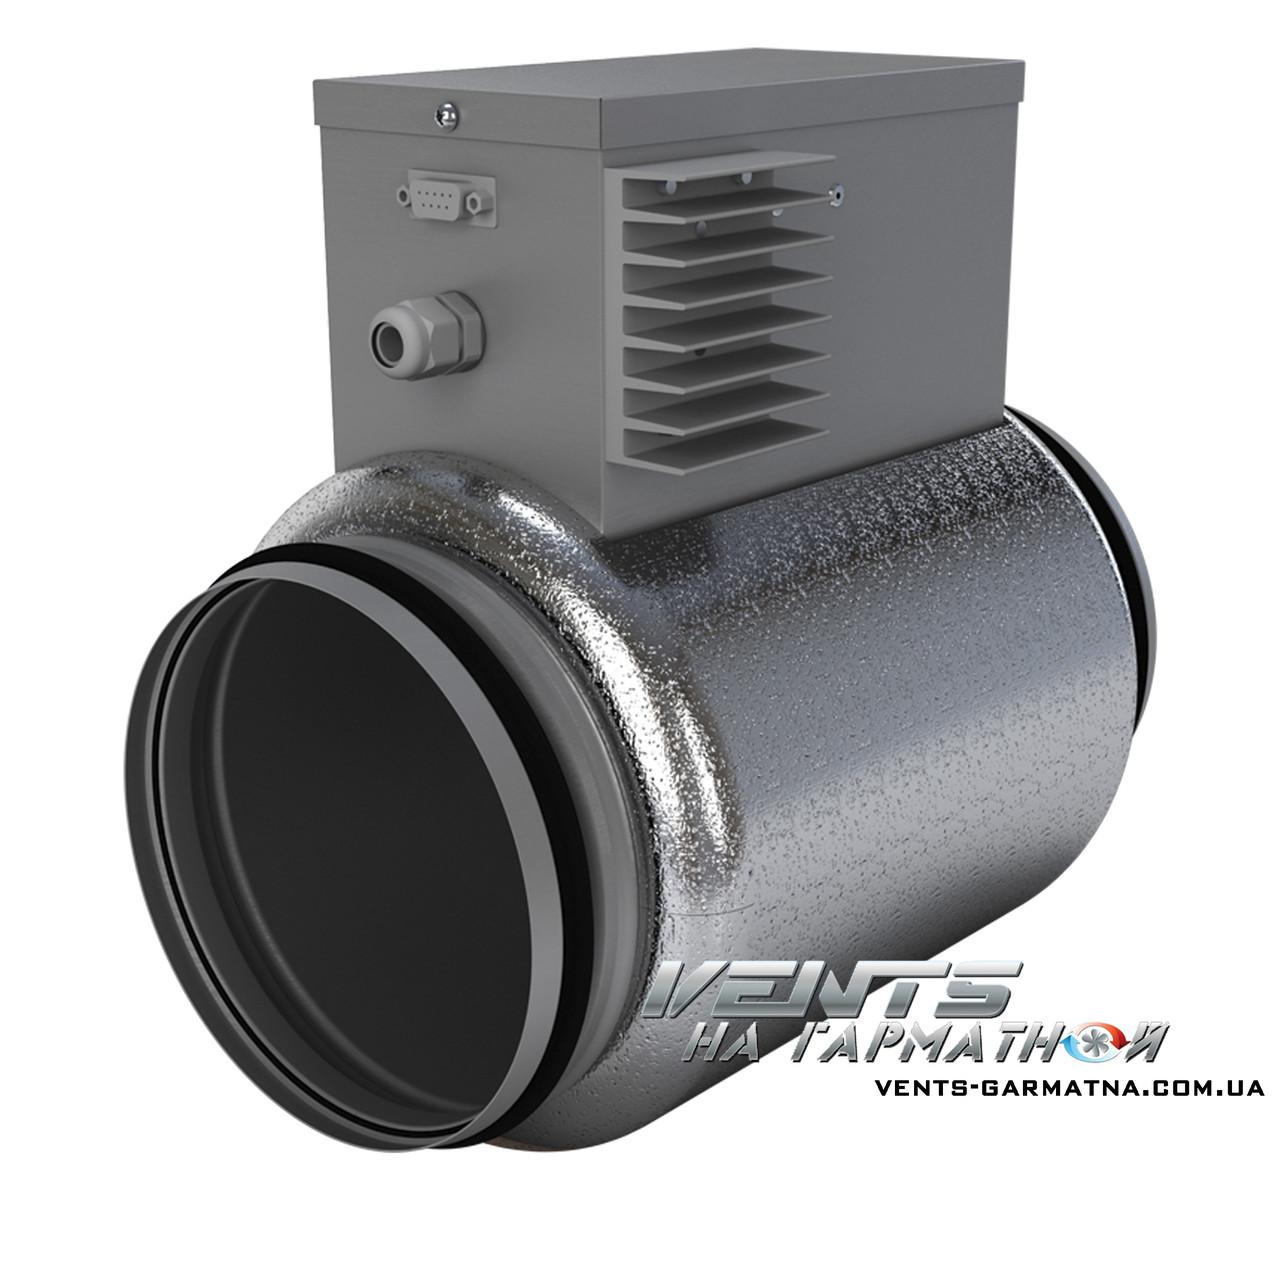 Вентс НКП 150-2,0-1. Нагреватель для защиты рекуператора от обмерзания